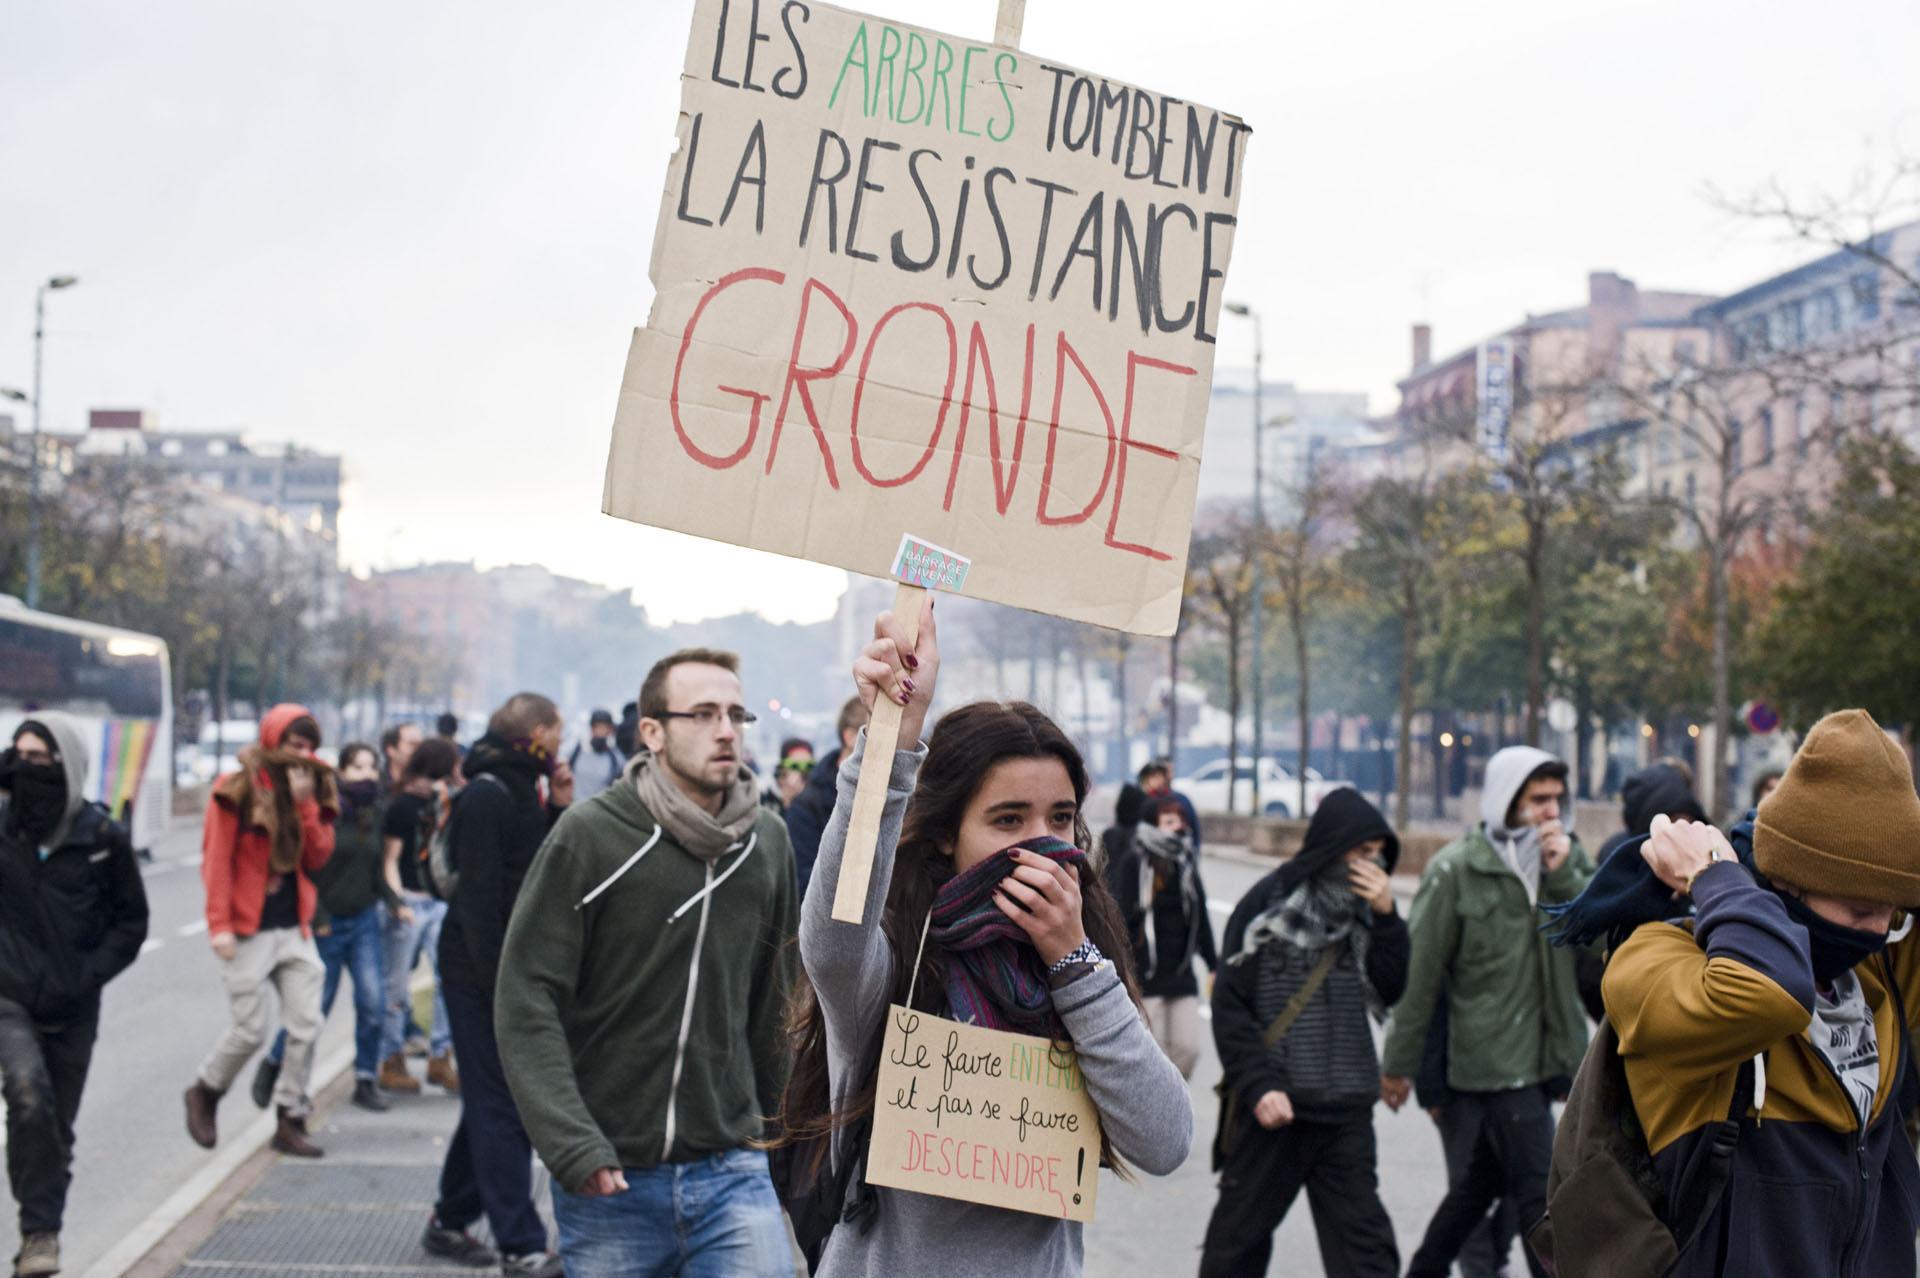 A Toulouse, le samedi 8 NOVEMBRE 2014Rassemblement à la mémoire de Remi FRAISSE et manifestation pour l'abandon définitif du projet de barrage a Sivens à l'appel du collectif Le T.E.S.T.E.T. (Tous Ensemble pour Sauver le Testet et Tout le reste).. Rassemblement non autorisé par la prefecture et qui sera perturbé par de nombreux affrontement avec les forces de l'ordre dans le centre de la ville.